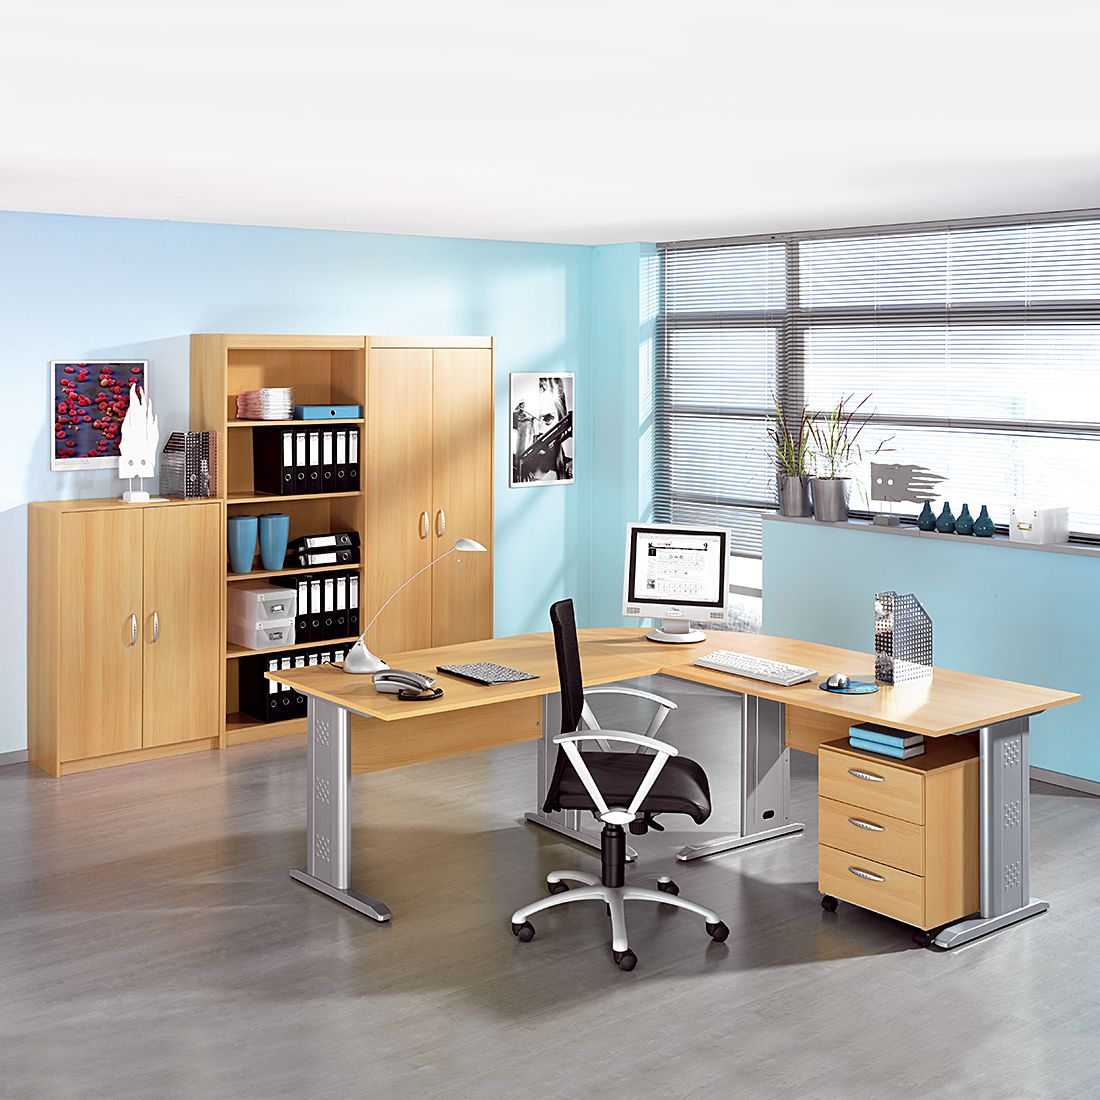 Mobilier de bureau Tomas 2 - Imitation hêtre - Imitation hêtre, Wellemöbel